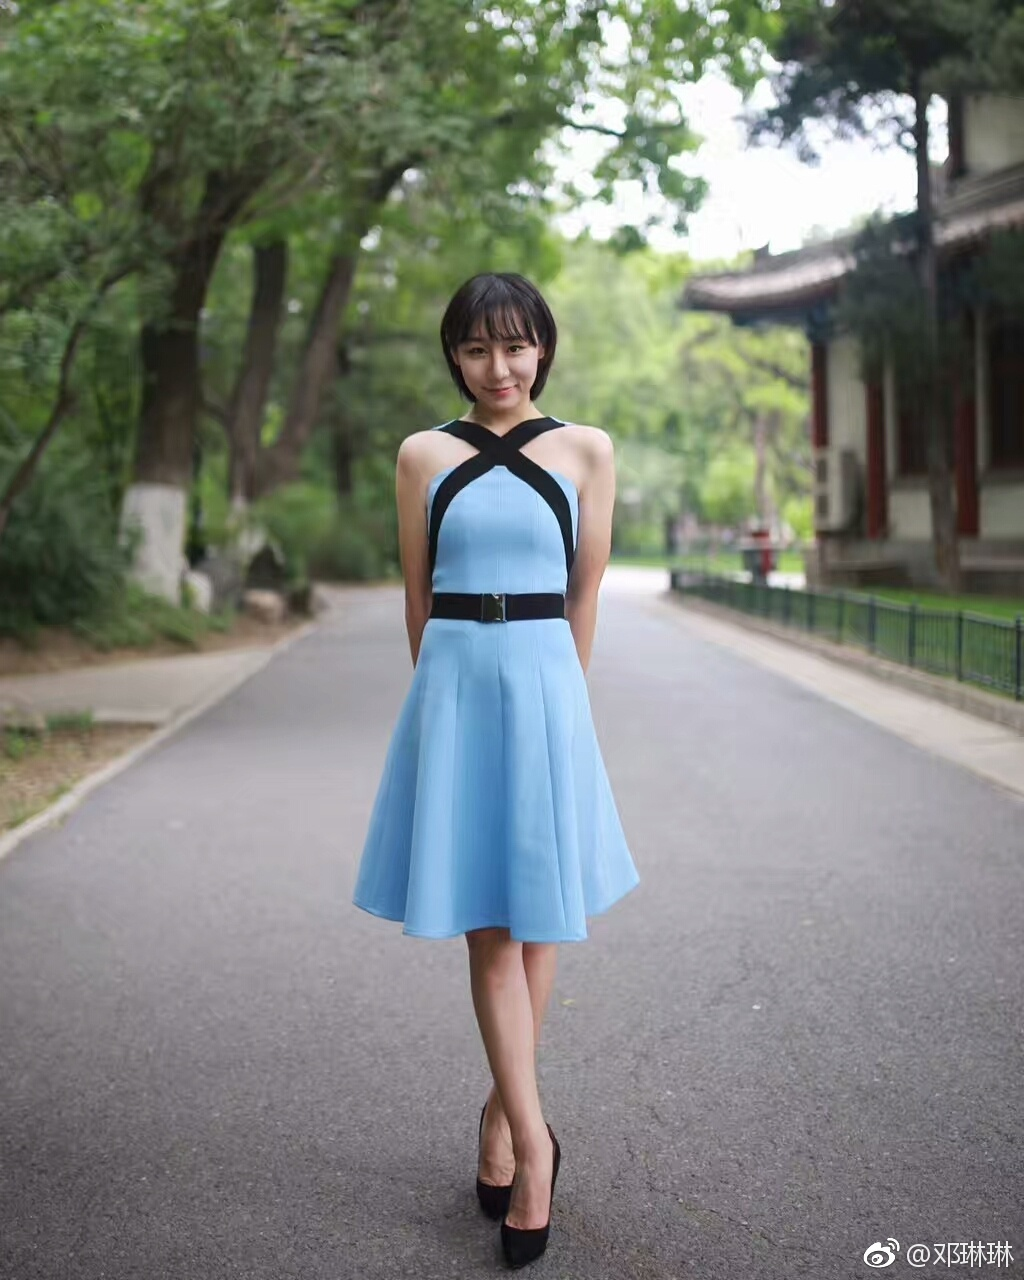 就像她在社交媒体上写道:你若盛开,舞蝶自来;你若精彩,天自安排。